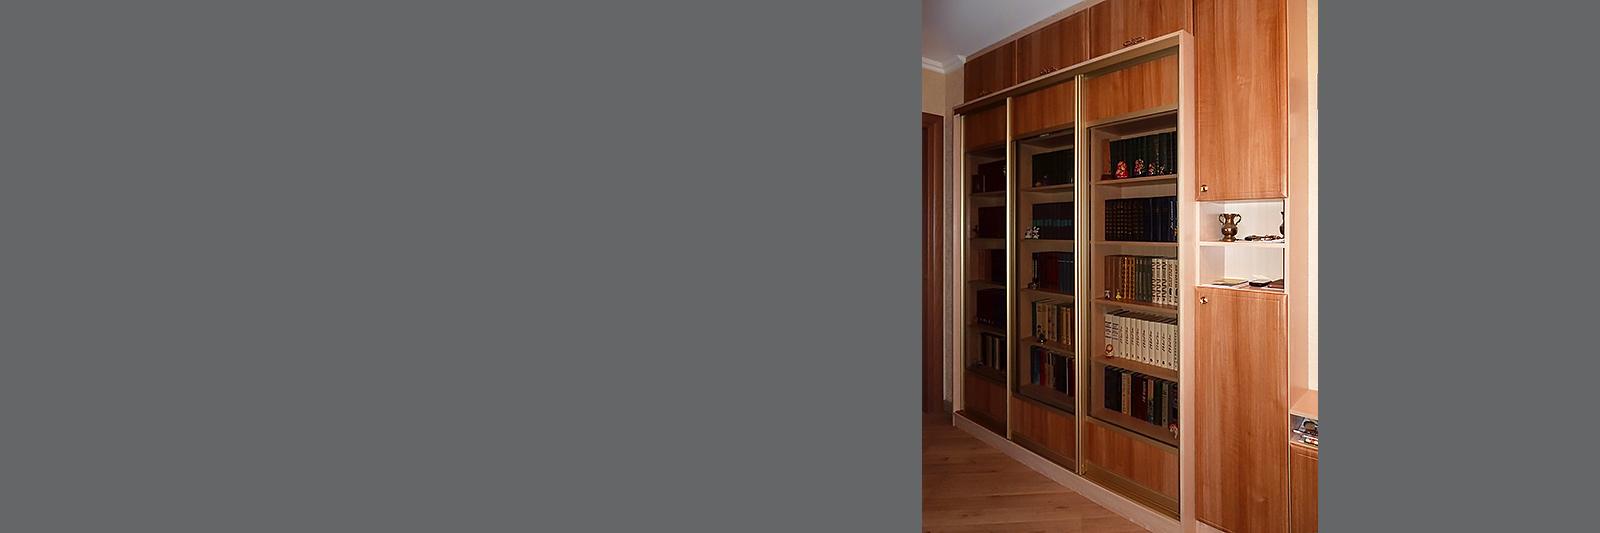 Шкаф-купе для книг со стеклом и антресолями